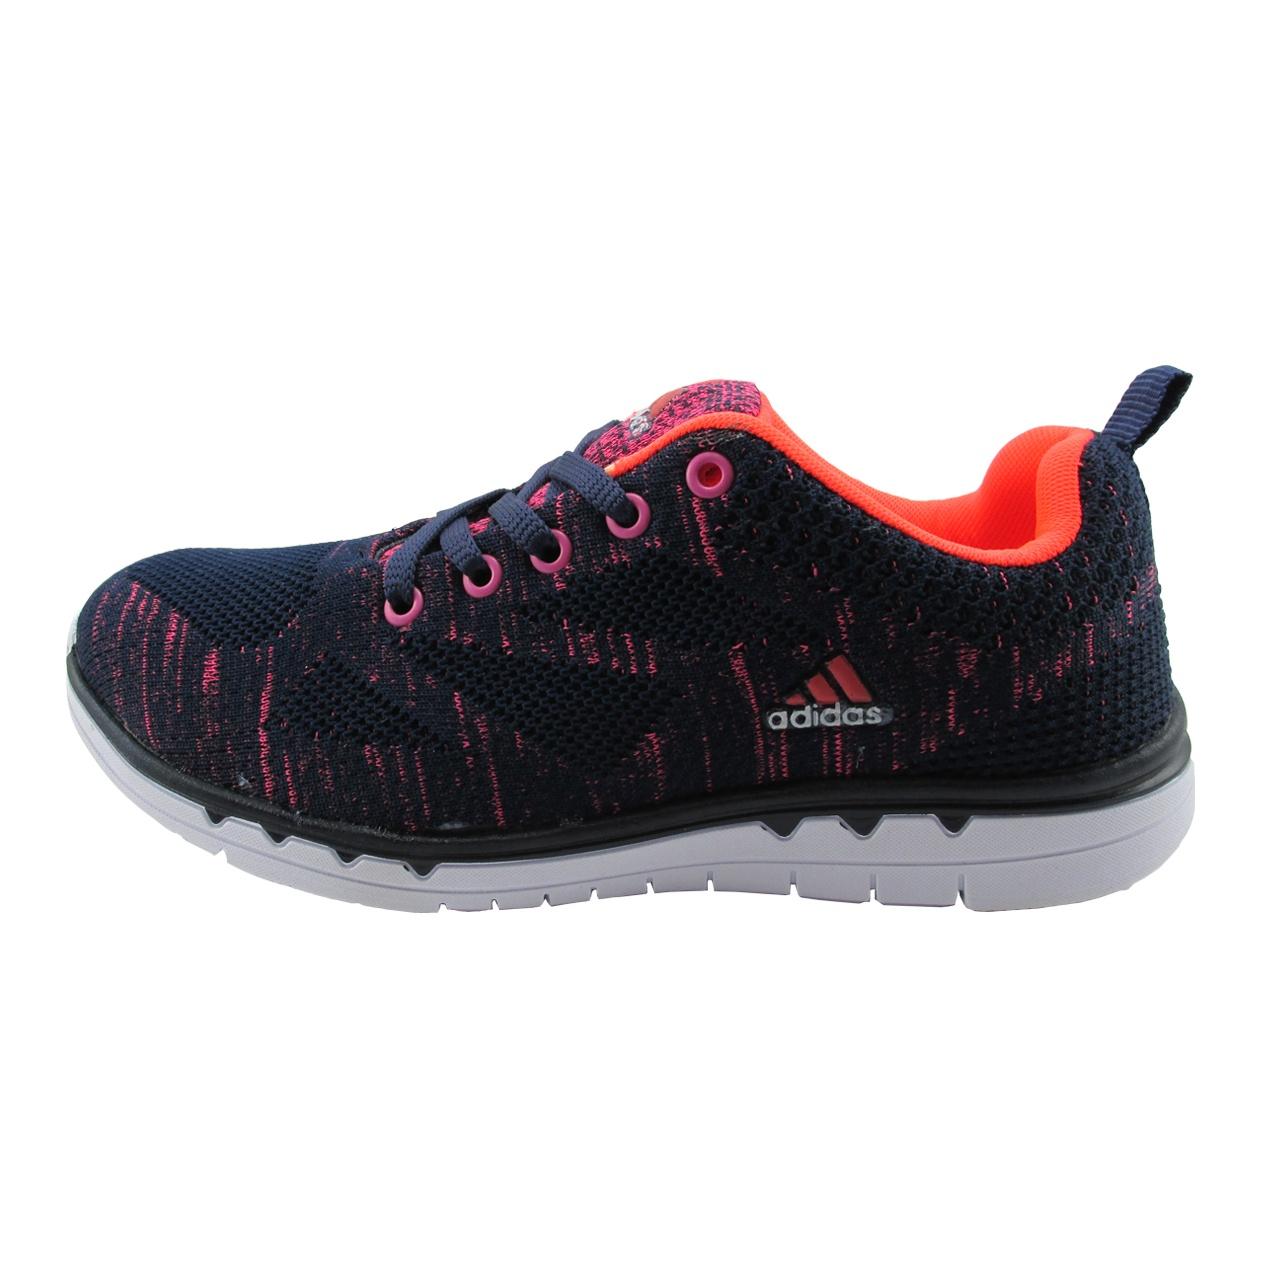 کفش مخصوص پیاده روی زنانه مدل B13 رنگ سورمه ای صورتی